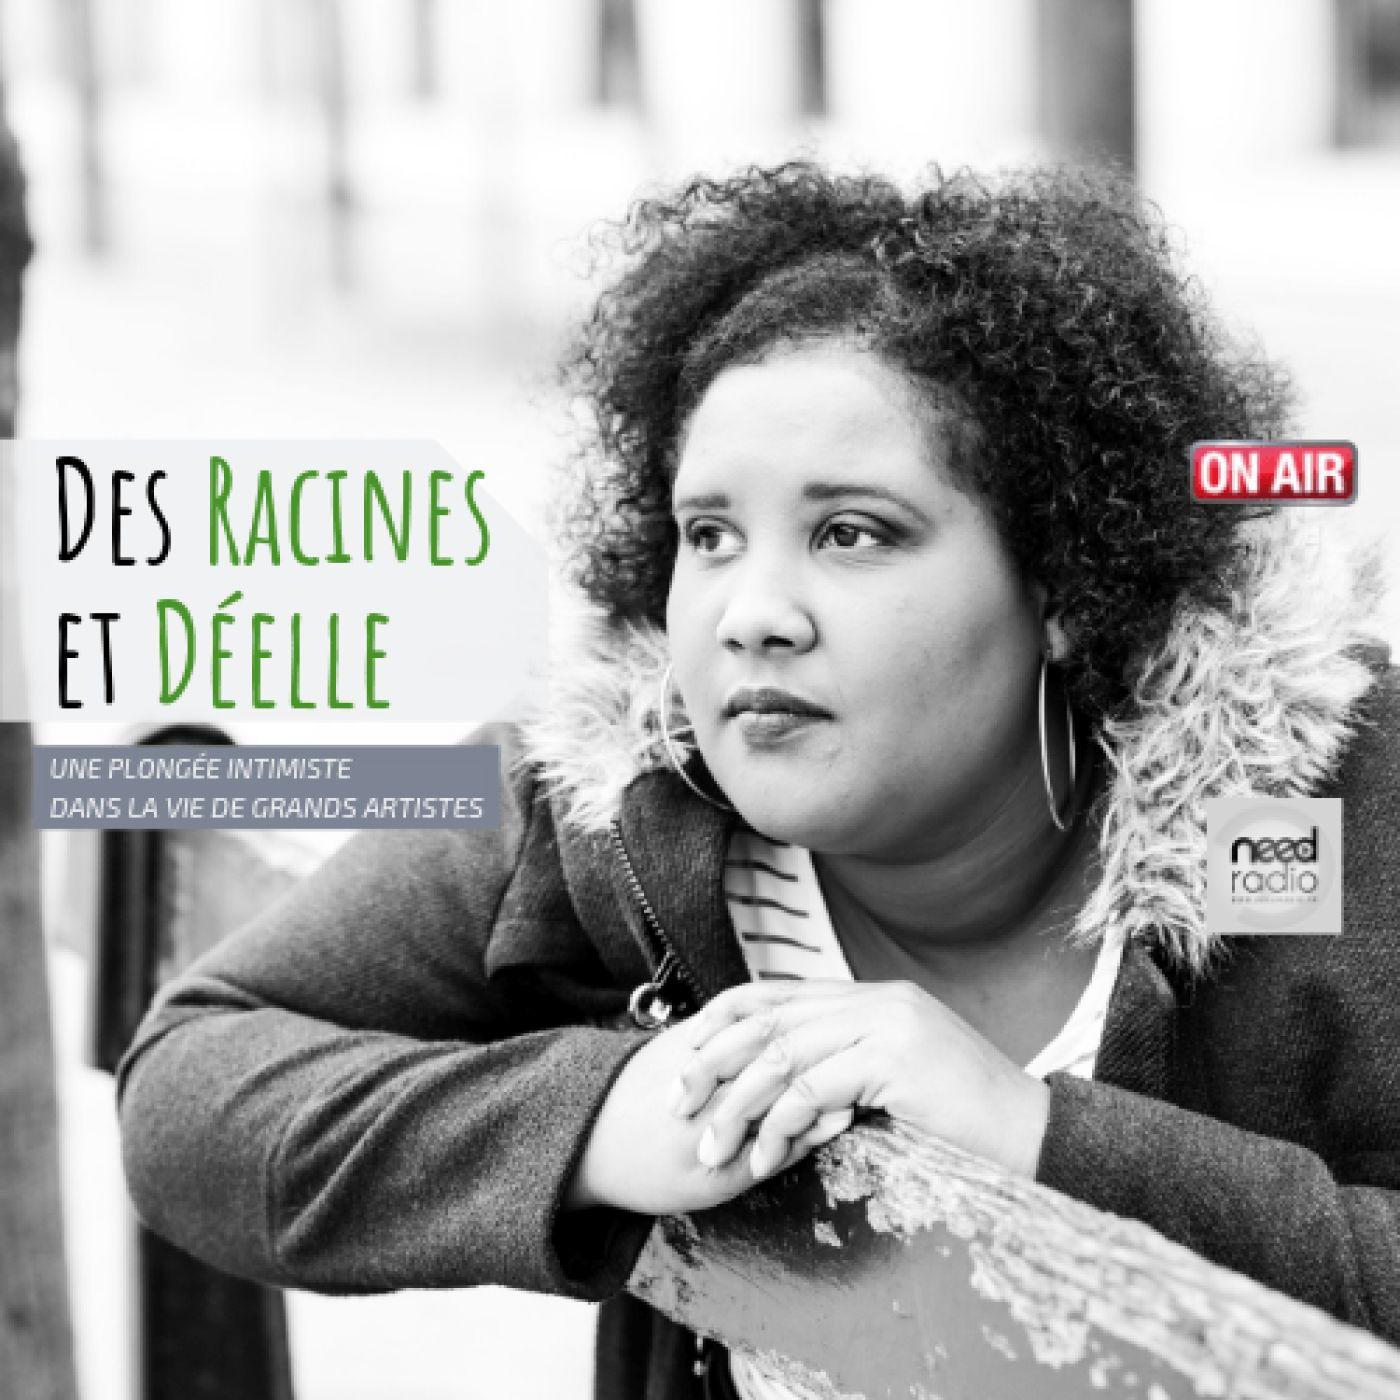 Des Racines et Déelle avec Kevin Gavaud (03/06/19)